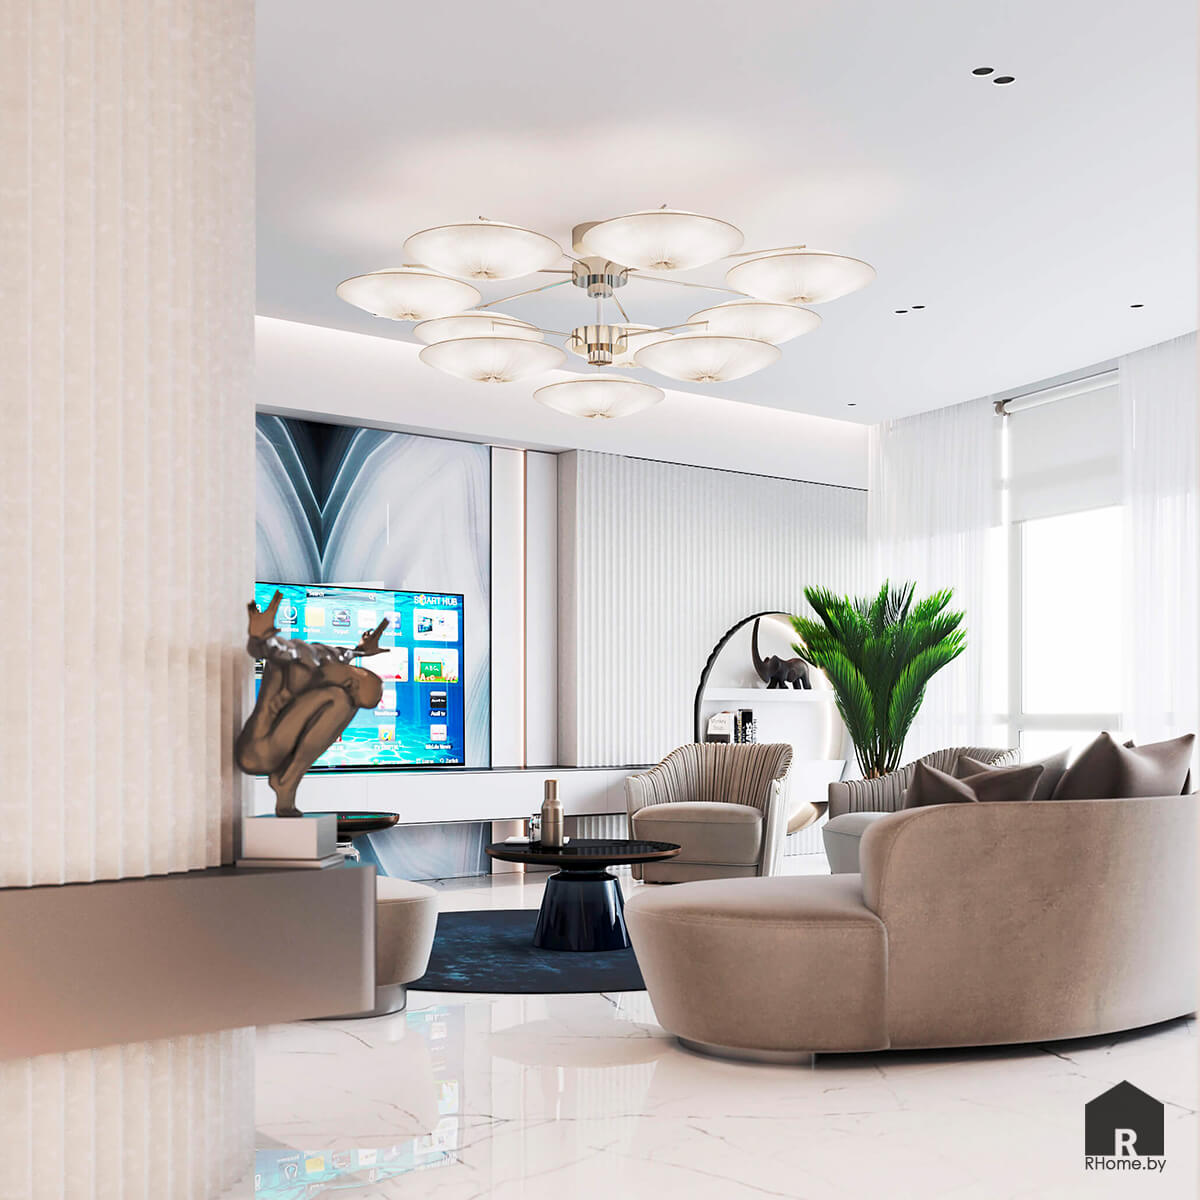 Квартира в Москве. Роскошная гостиная с большой люстрой и диваном с подушками и телевизором.